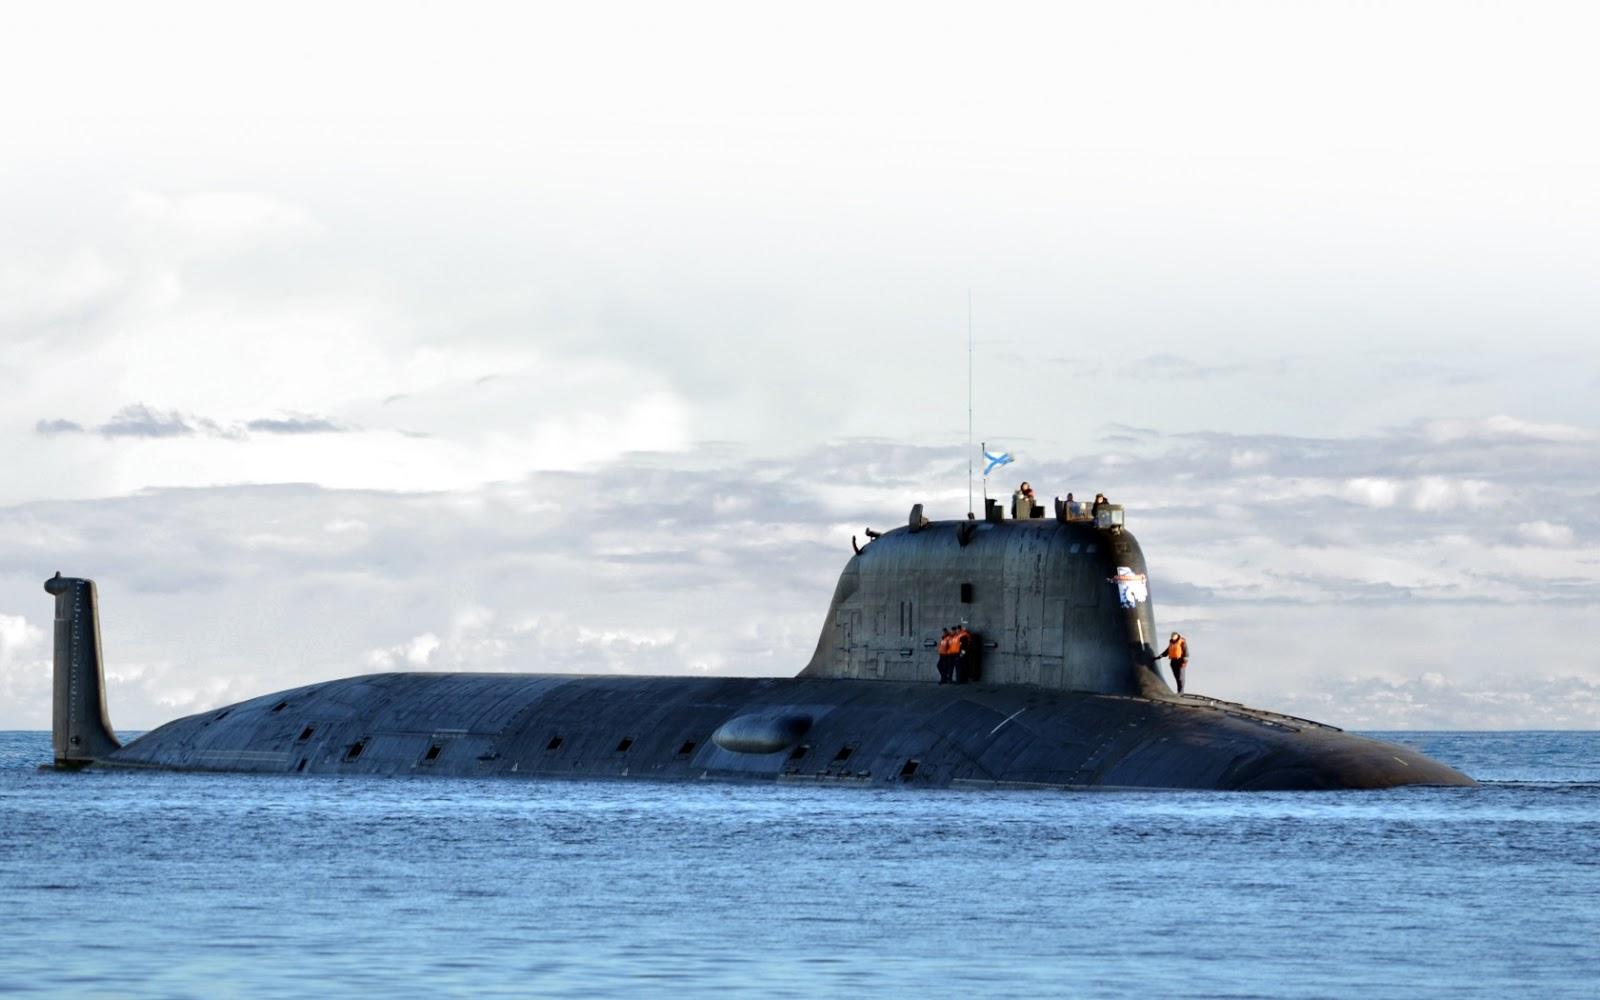 """الغواصات النووية الهجومية..للبحرية السوفييتية .""""الجزء الاول """" 2fc21c85a1fd6794df3c94a3aeb86be0"""